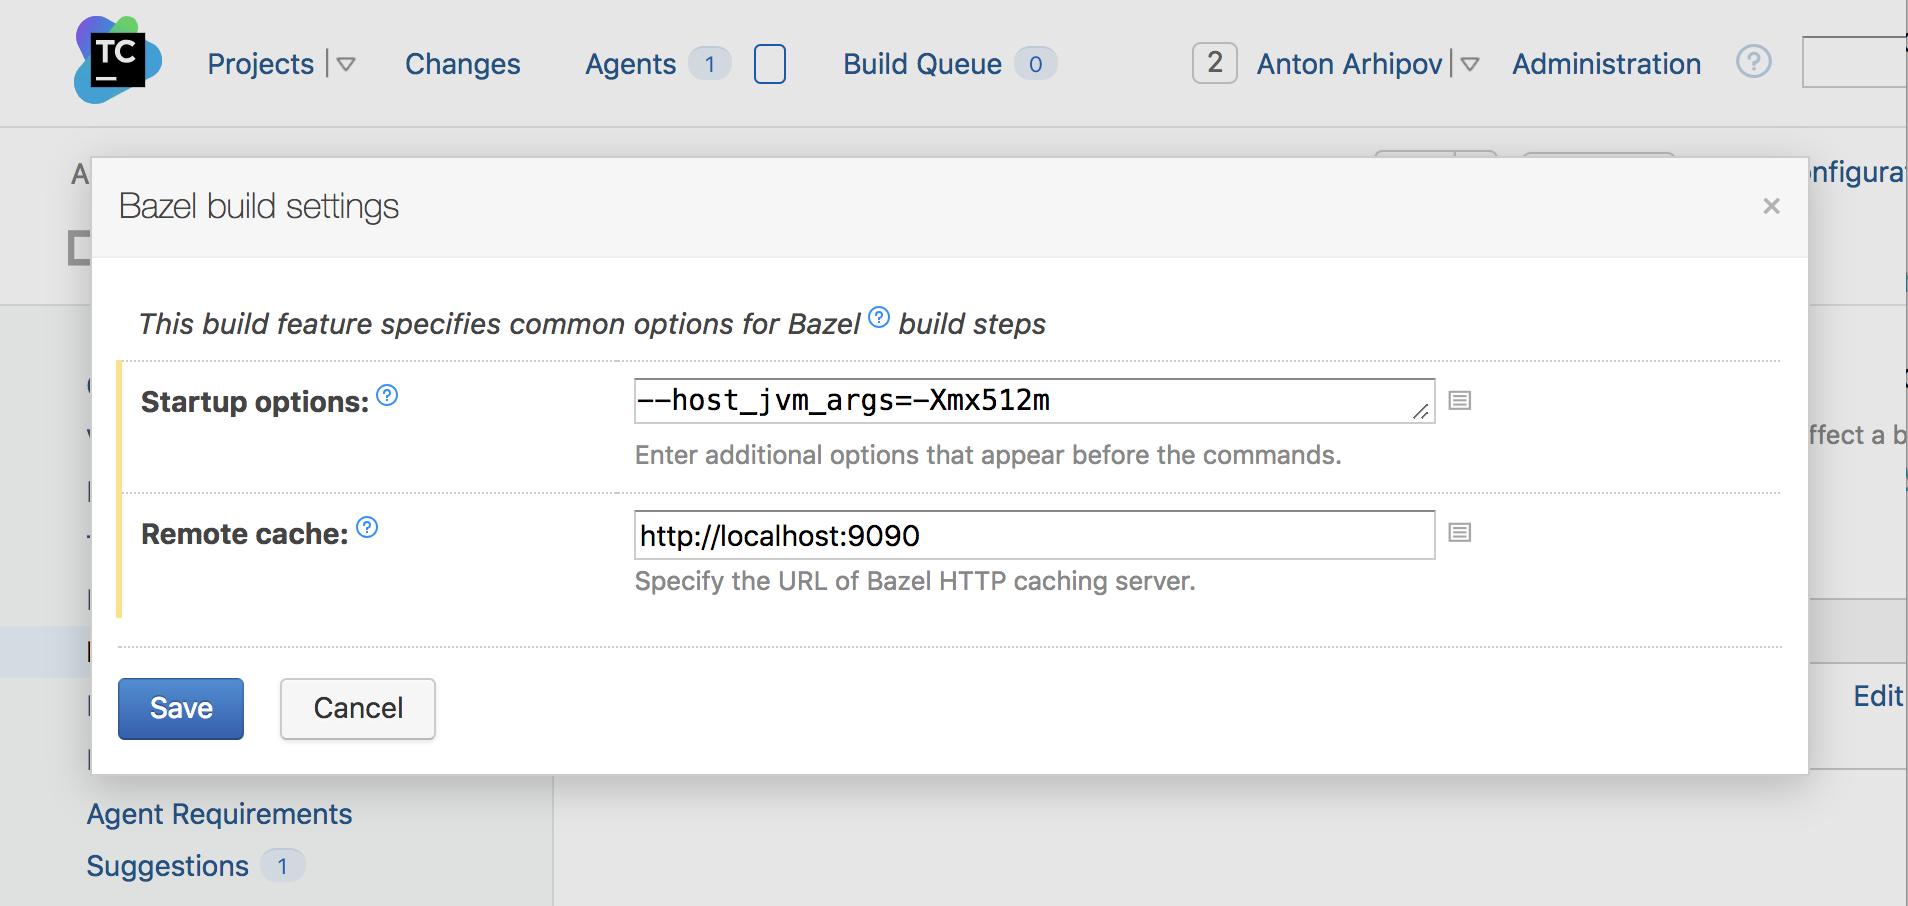 bazel-build-feature